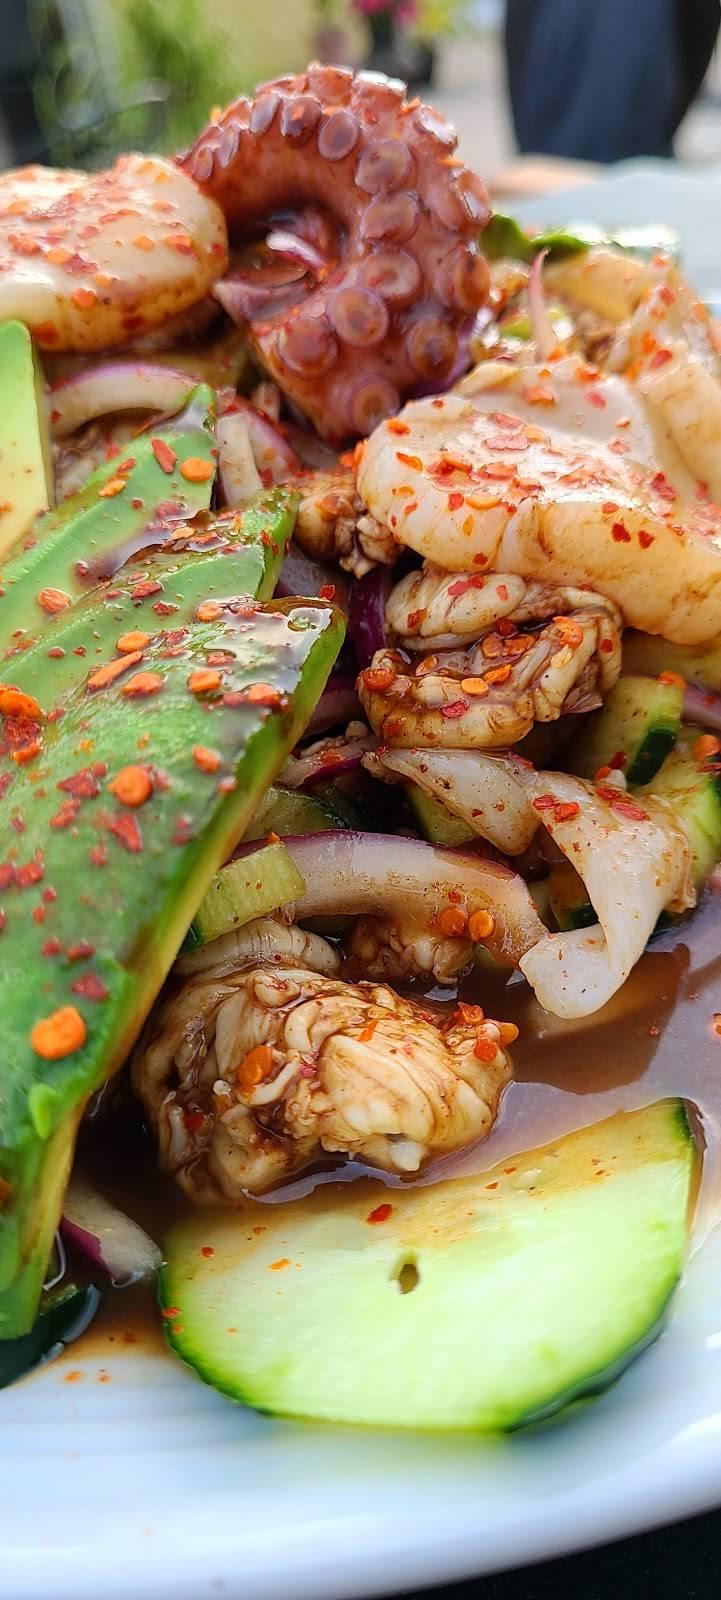 Hijoz de su Madre Mariscos - restaurant  | Photo 5 of 9 | Address: 2497 Riverside Ave, Rialto, CA 92377, USA | Phone: (909) 565-3829